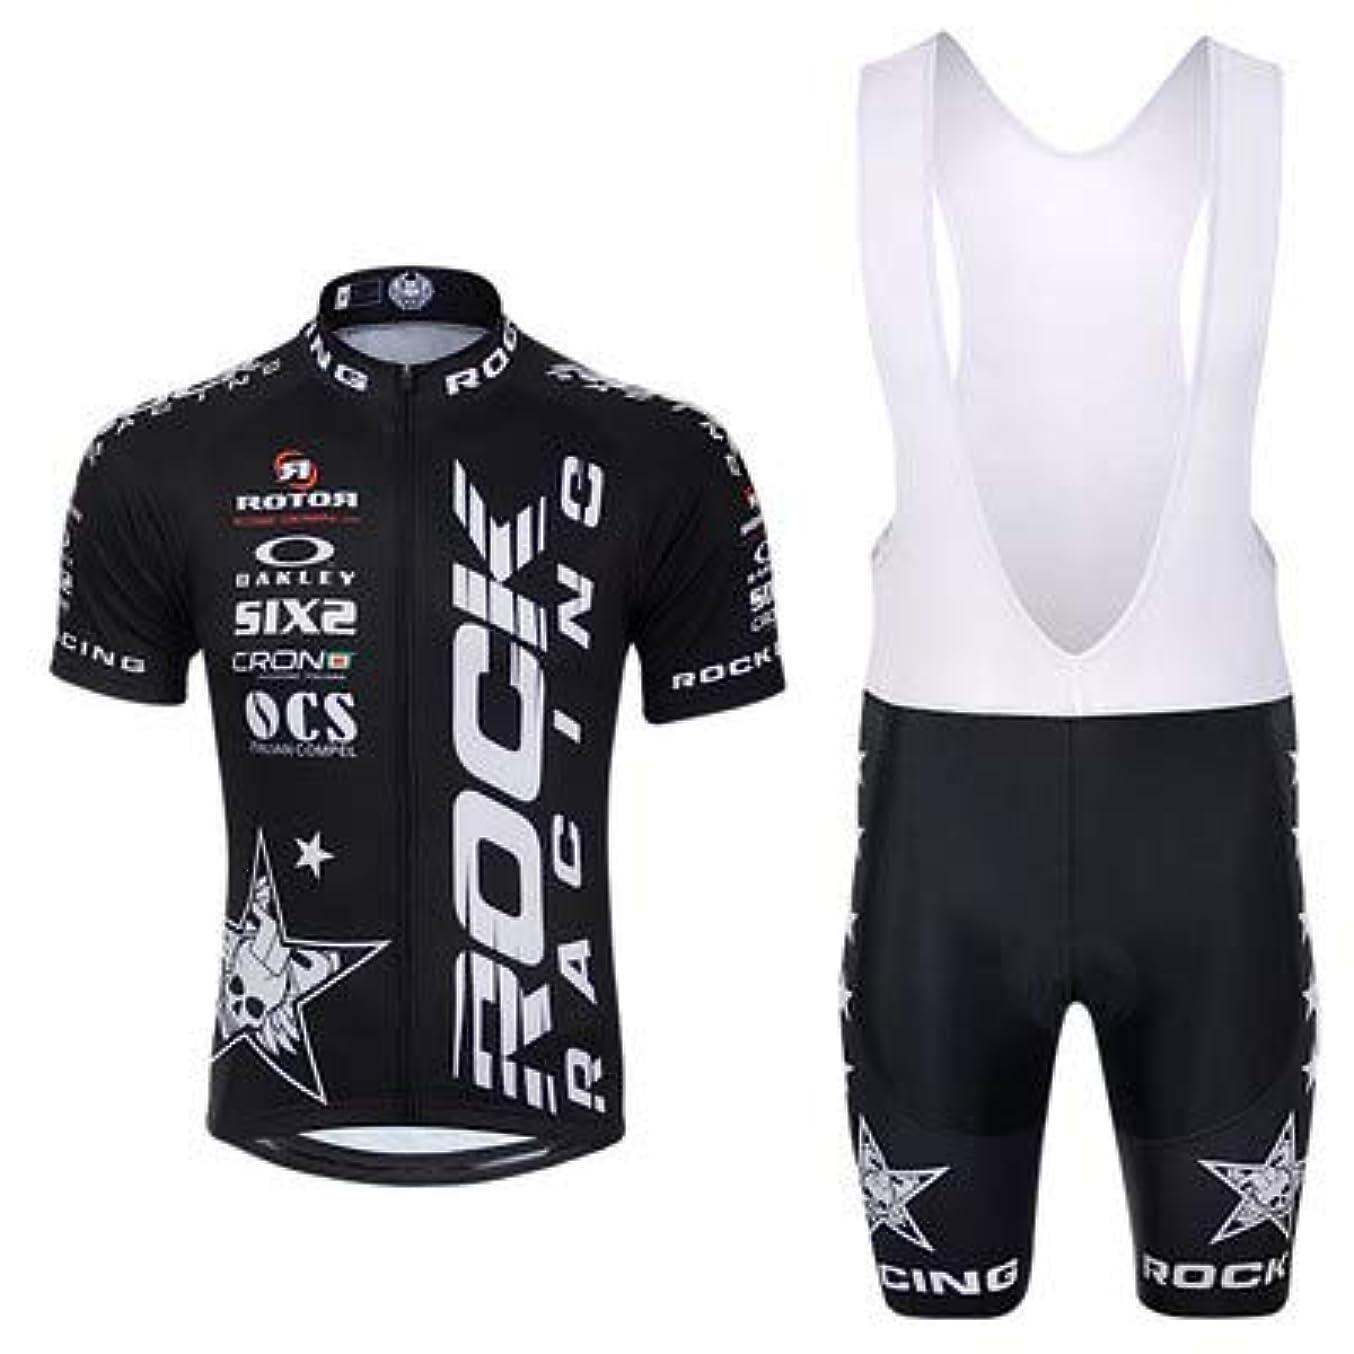 枯渇一目イブサイクルジャージ上下セット/男性用自転車サイクルウェア半袖/吸汗速乾/通気がいい/春夏用上下セッド